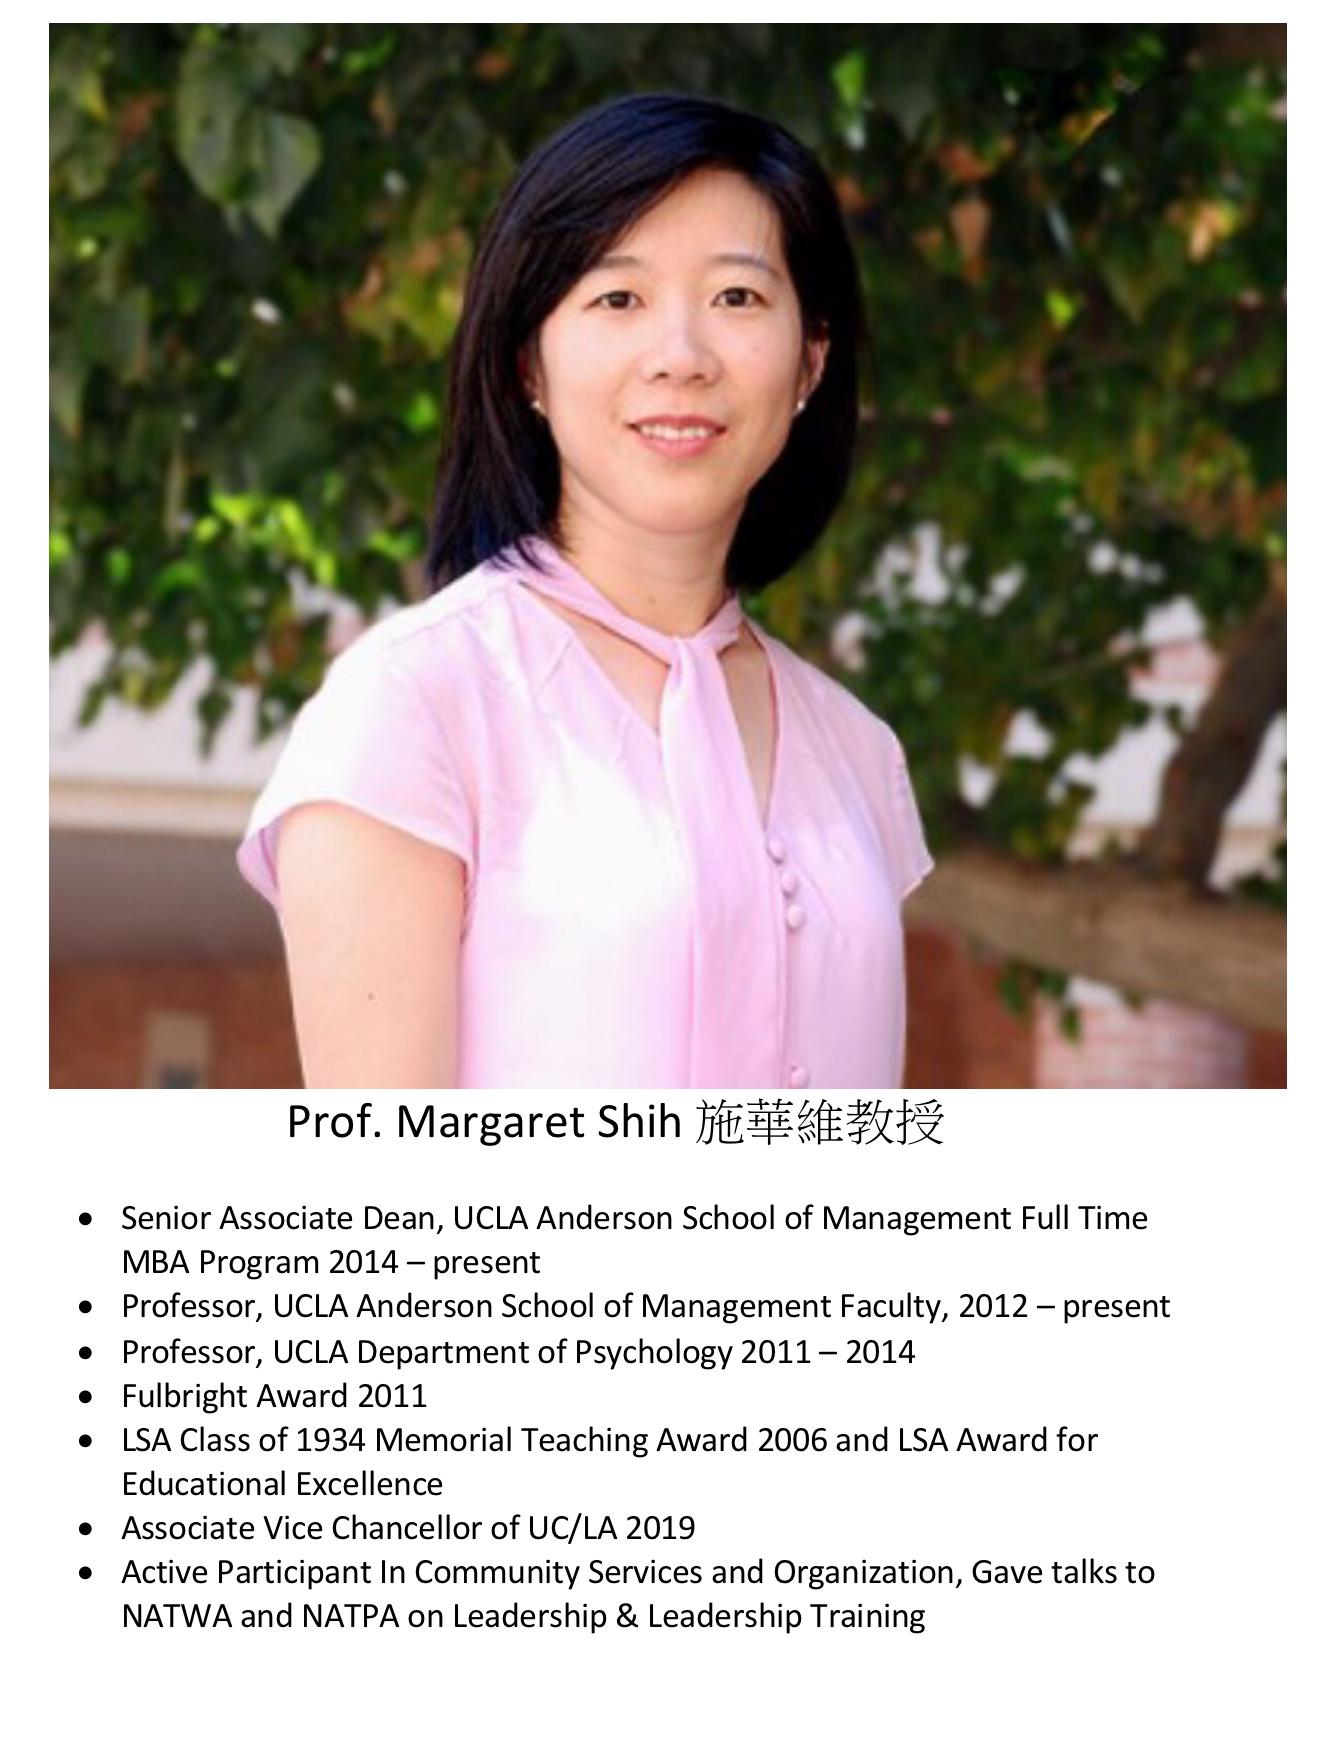 261. Prof. Margaret Shih 施華維教授